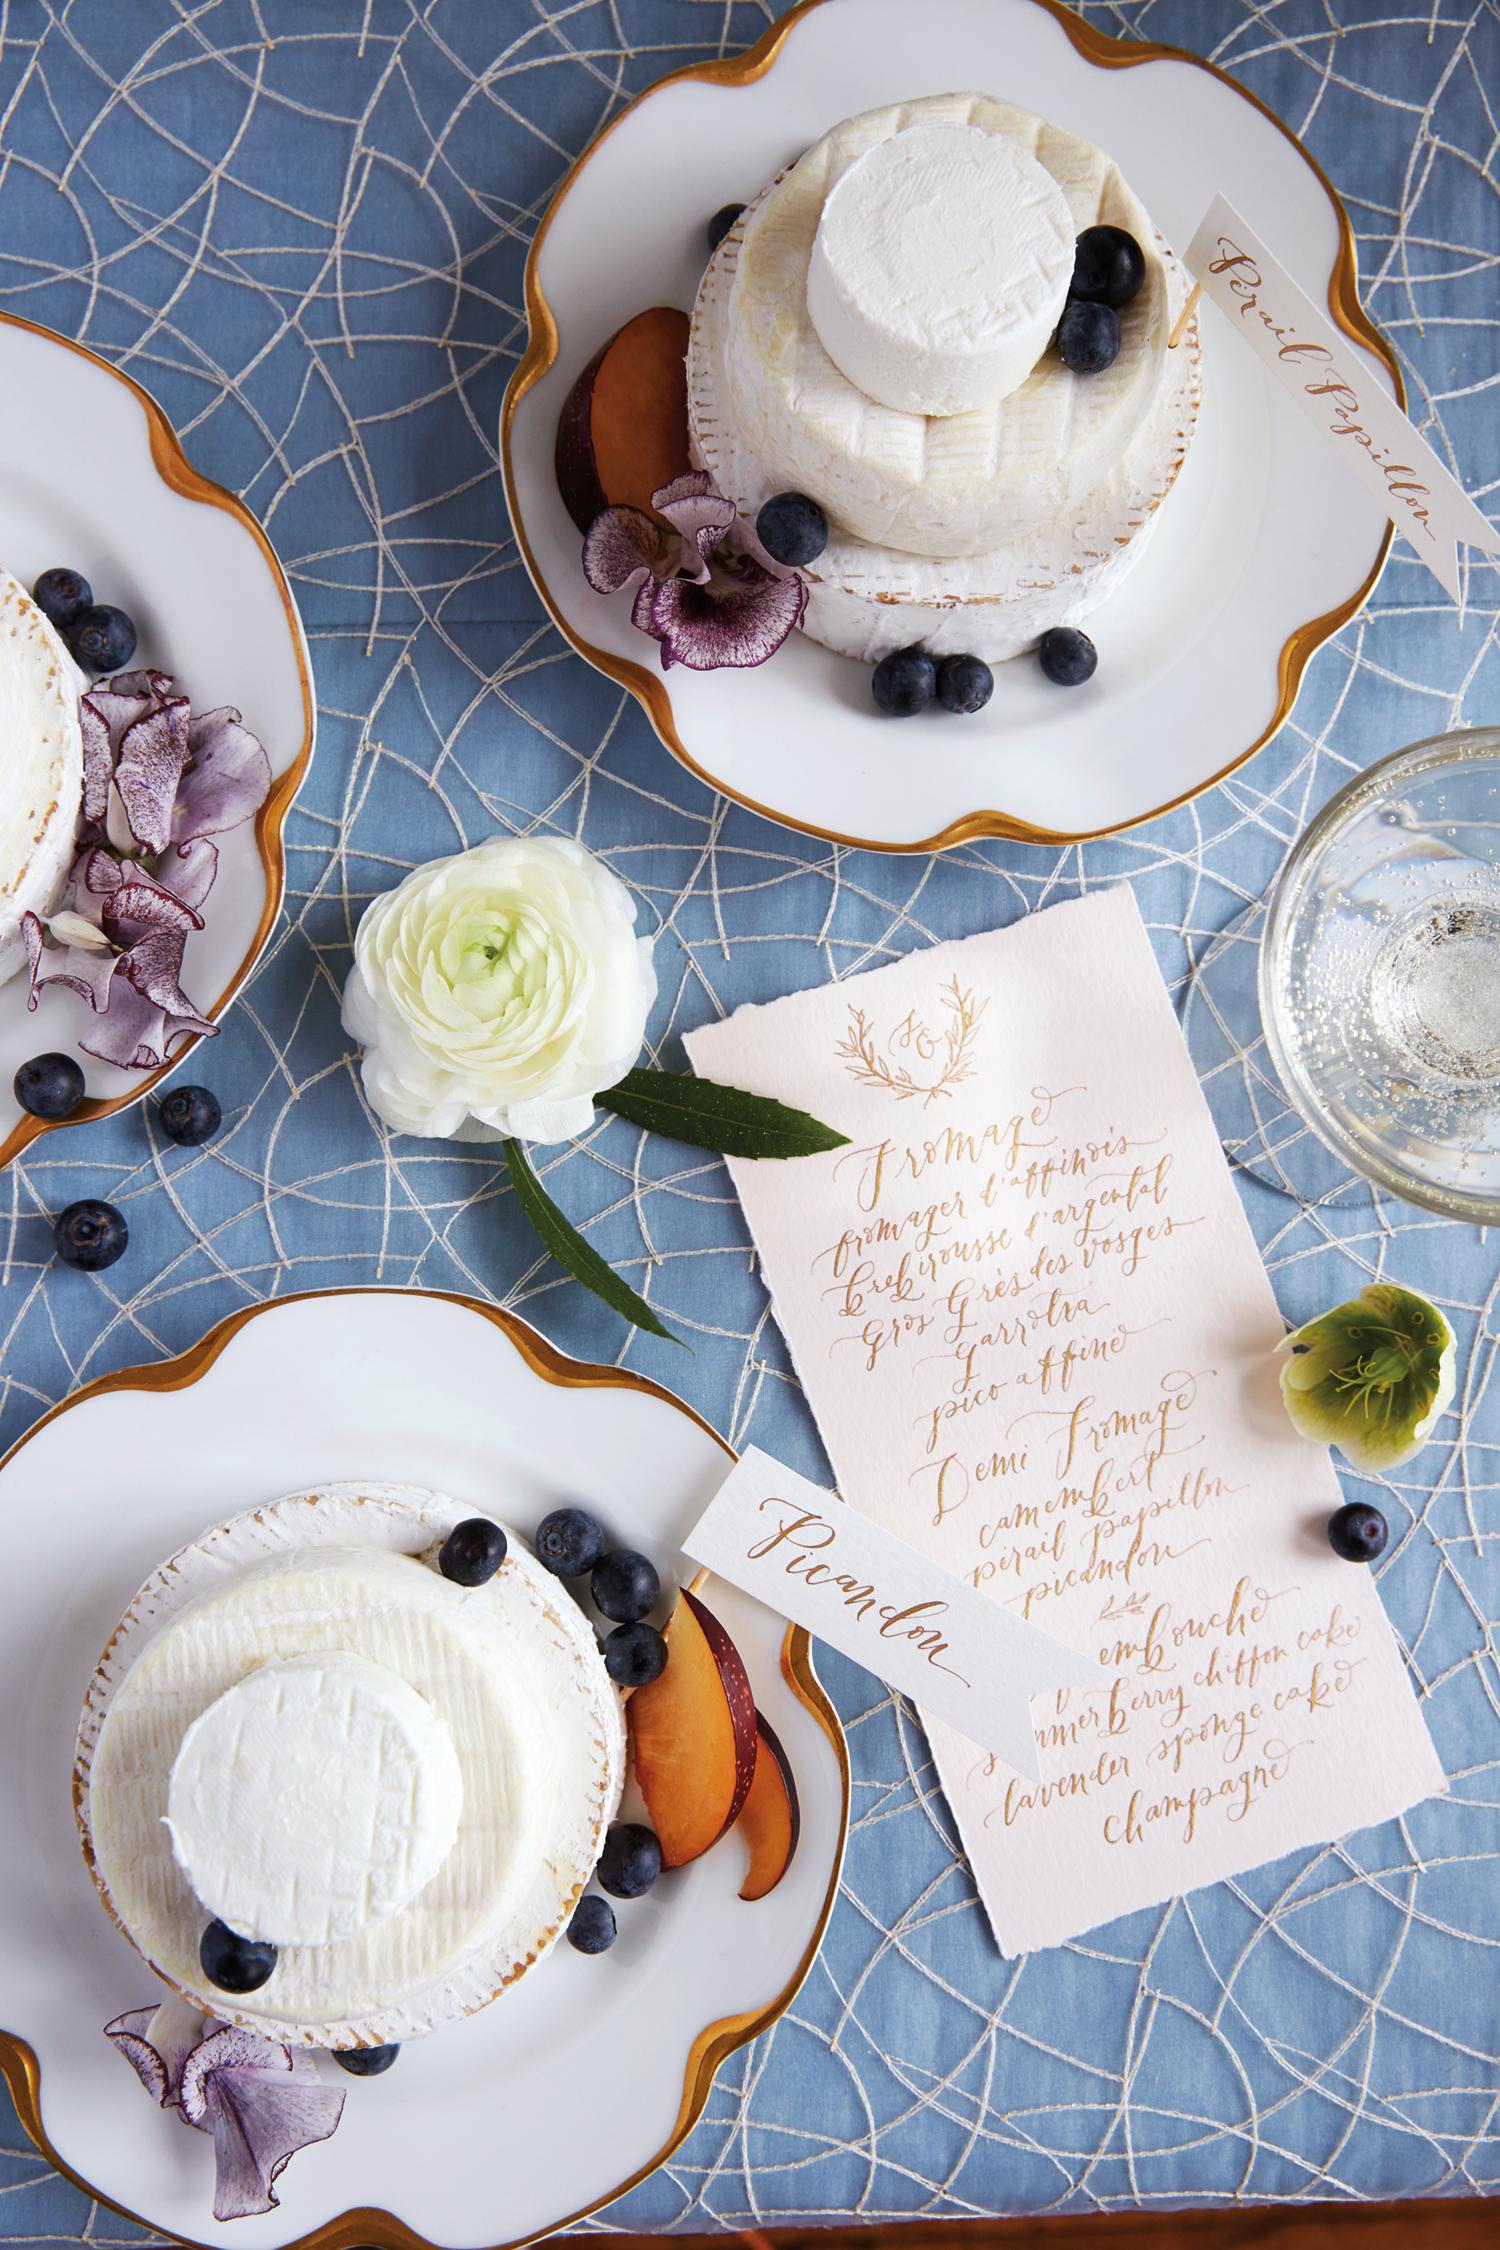 SMBG_0617_Desserts_Met Bride and Groom - 201716215-web.jpg